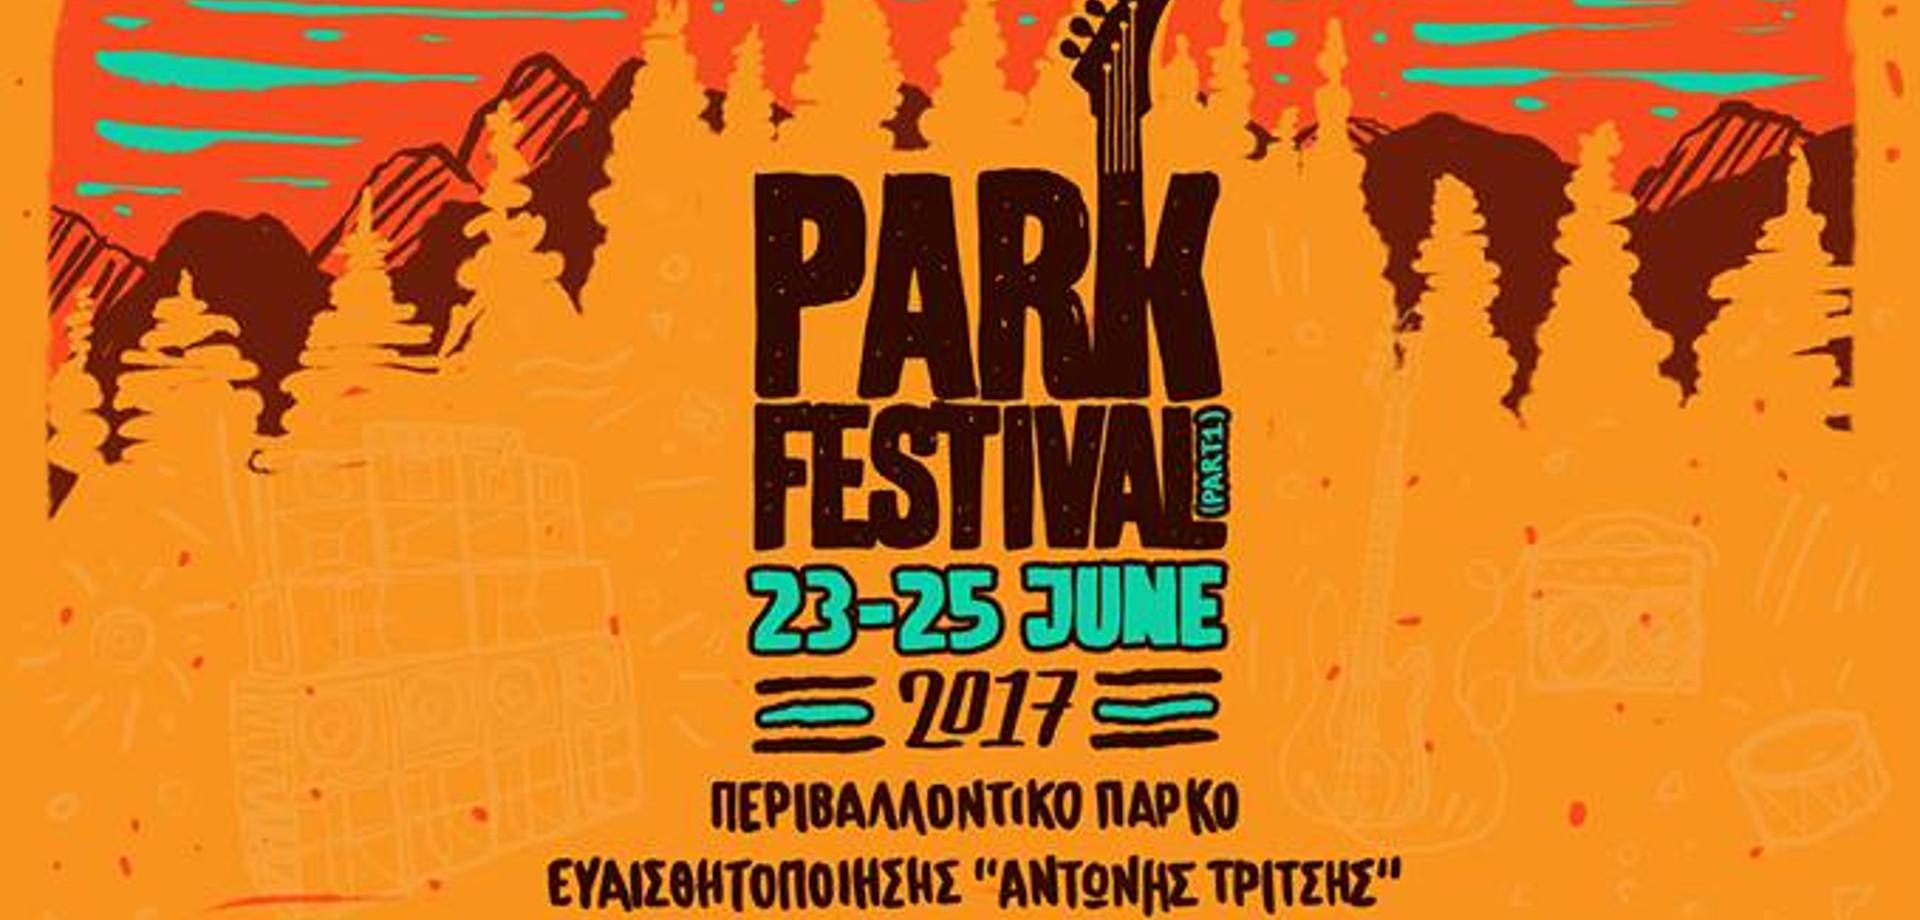 Park Festival 2017 Part 1